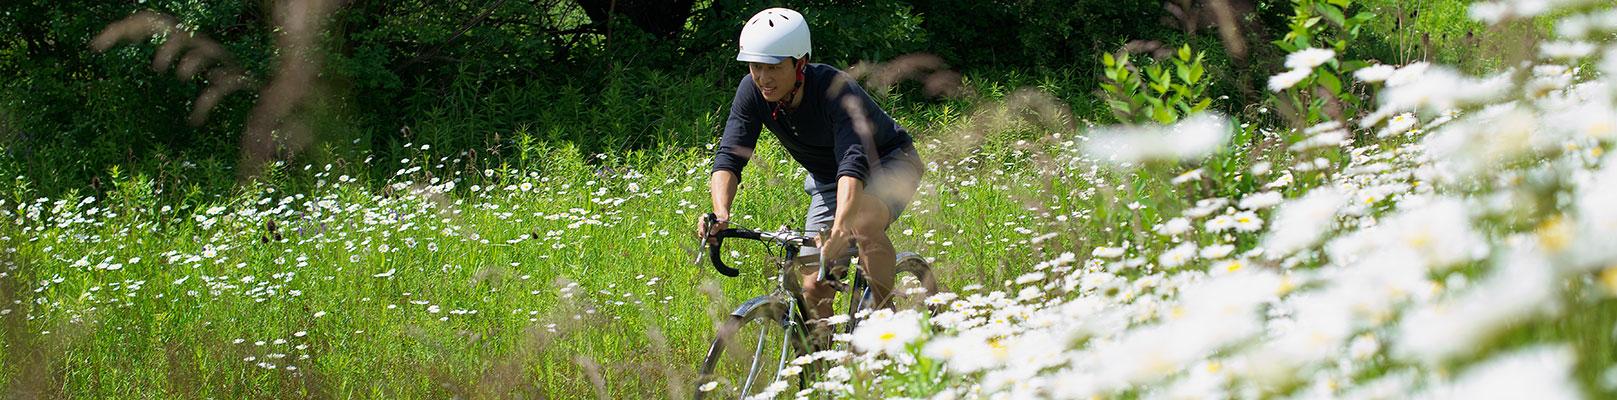 Photo-Cyclist-Flowers-JasonvanBruggen_DSC3591.jpg